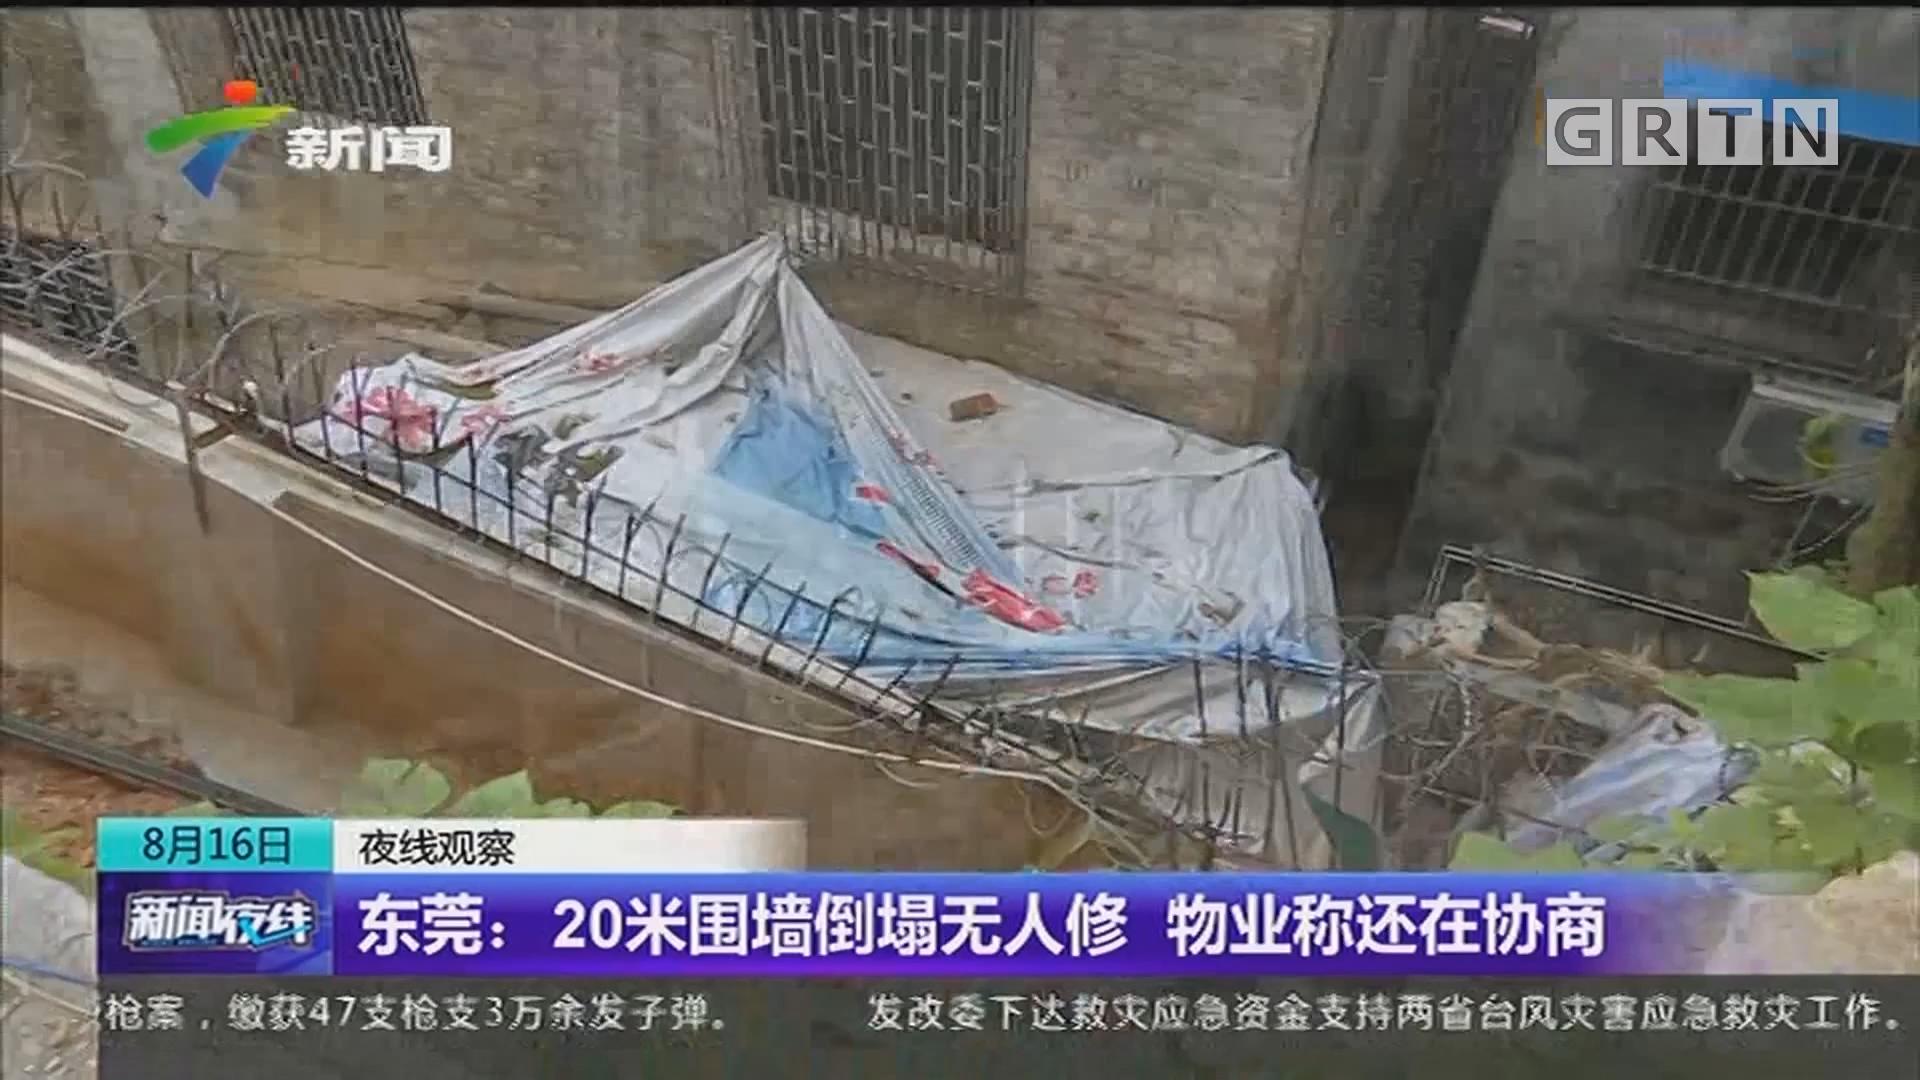 东莞:20米围墙倒塌无人修 物业称还在协商